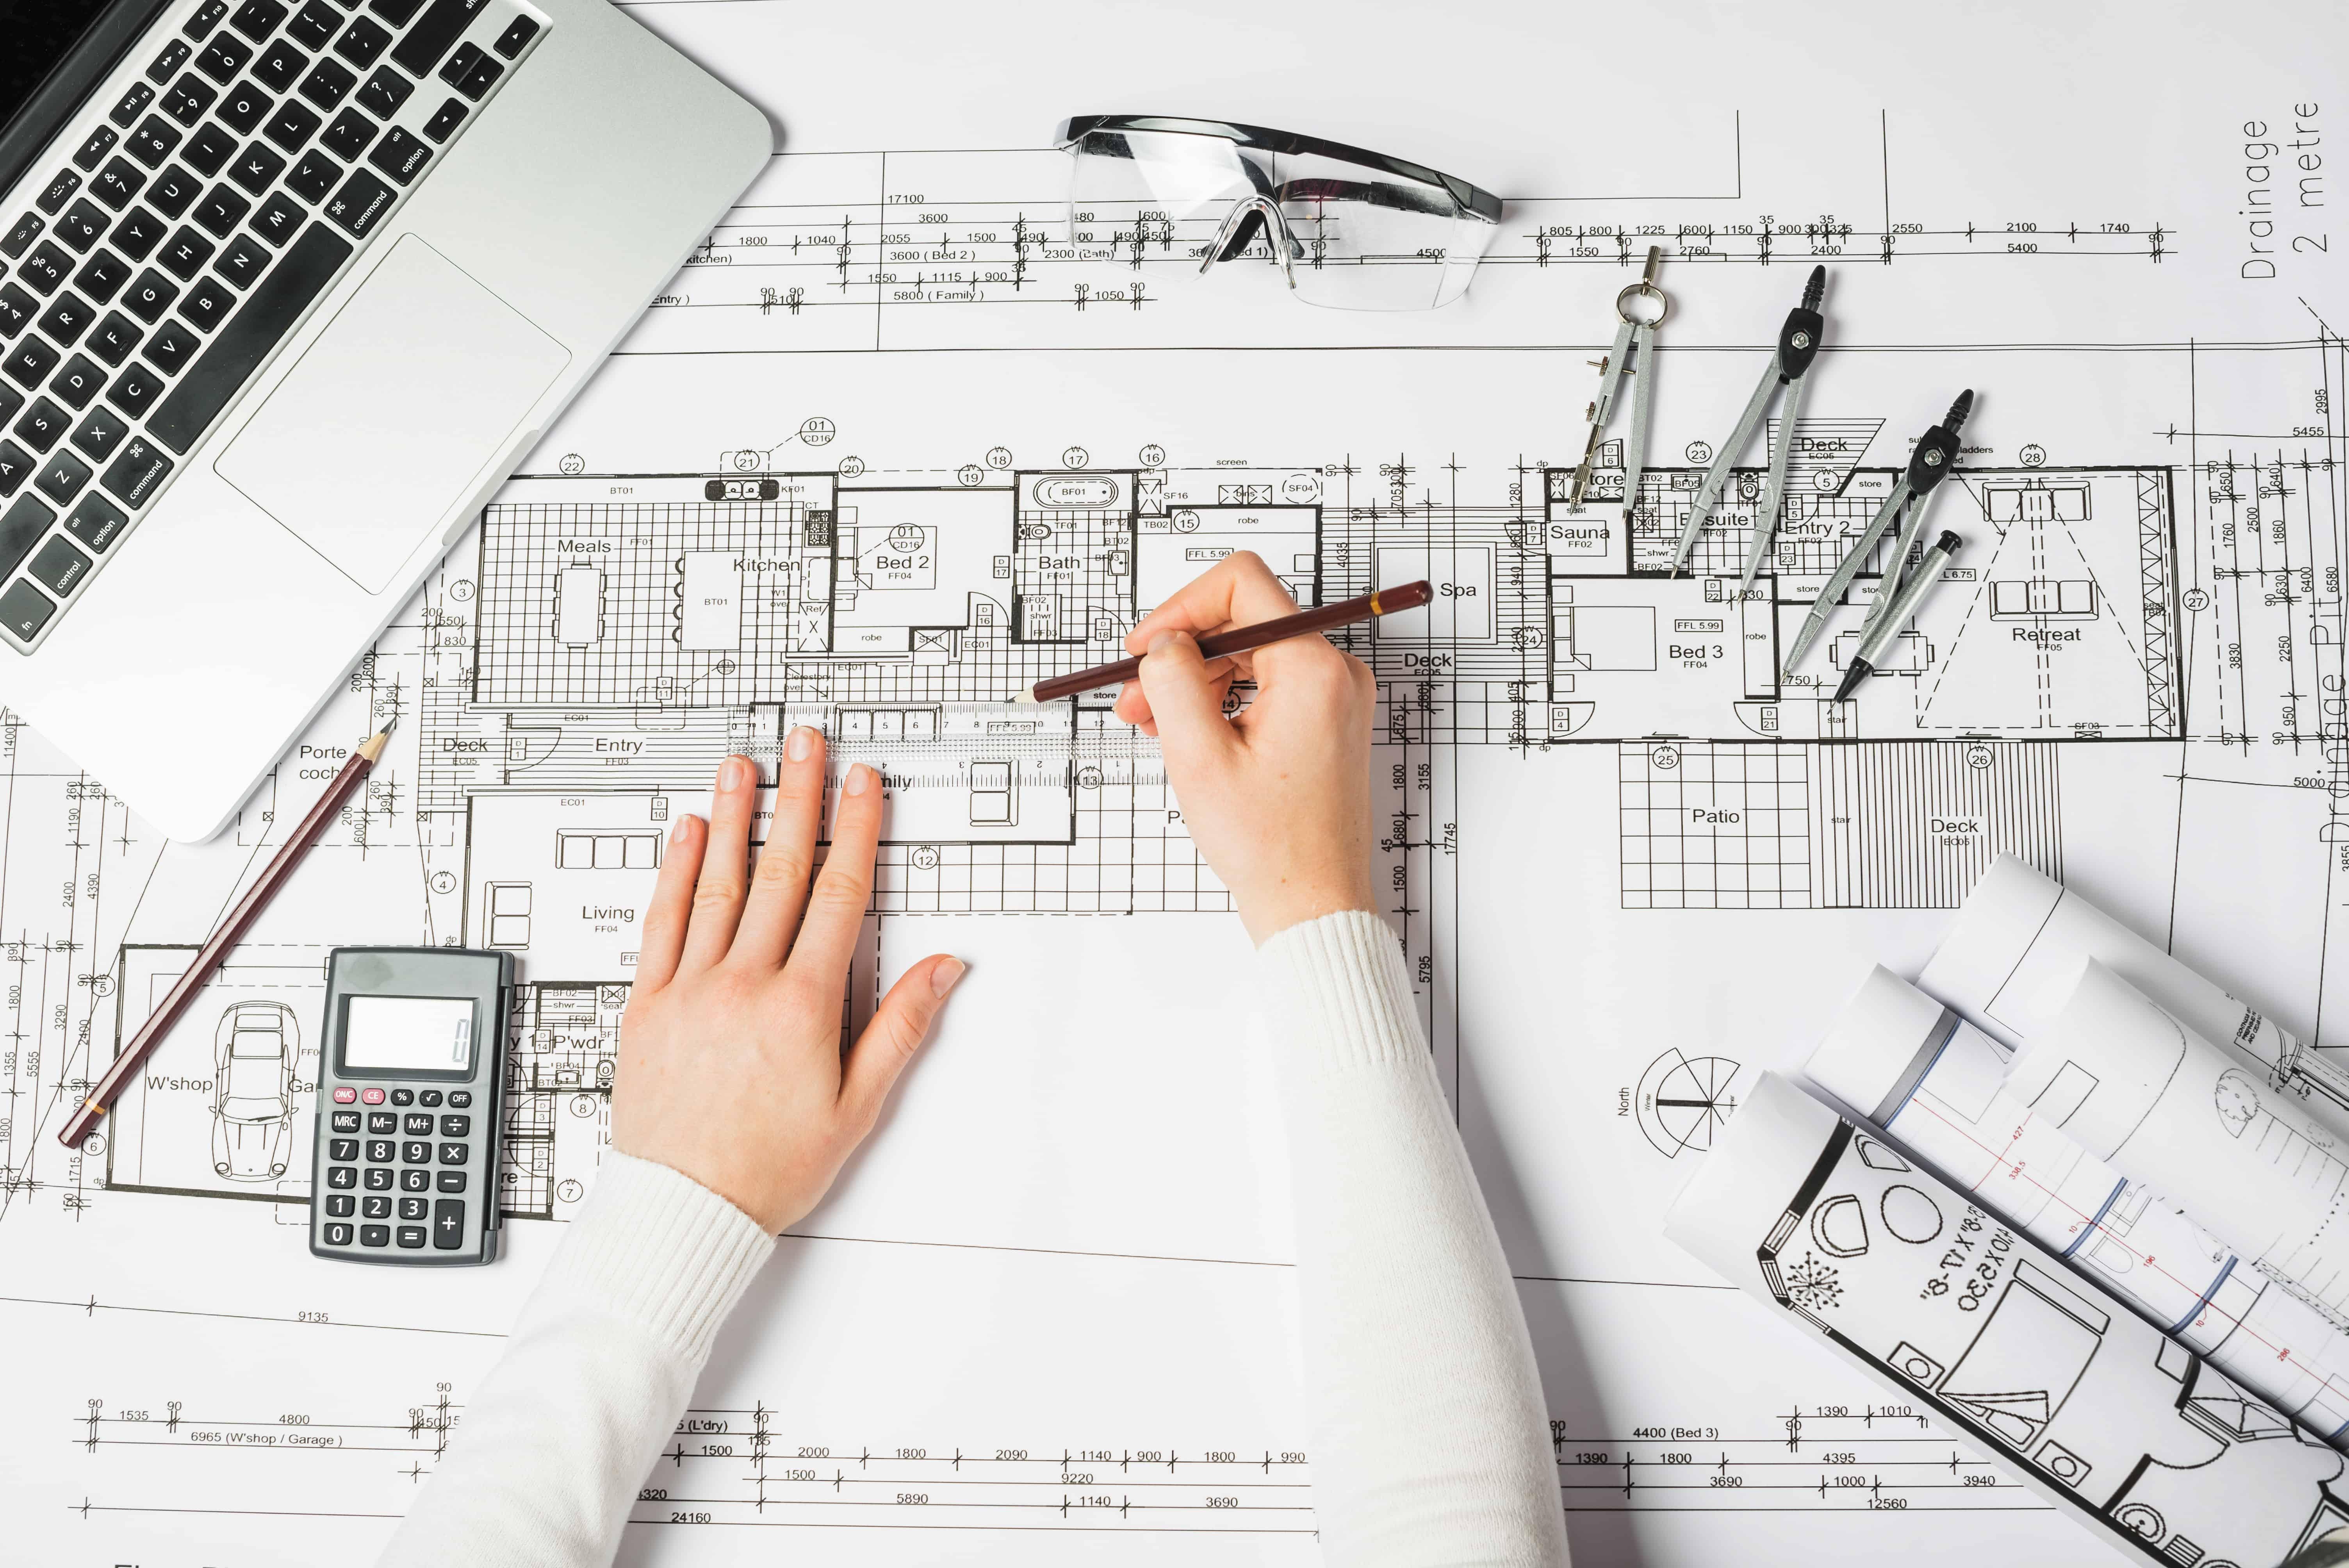 קניית בית עם חריגת בנייה